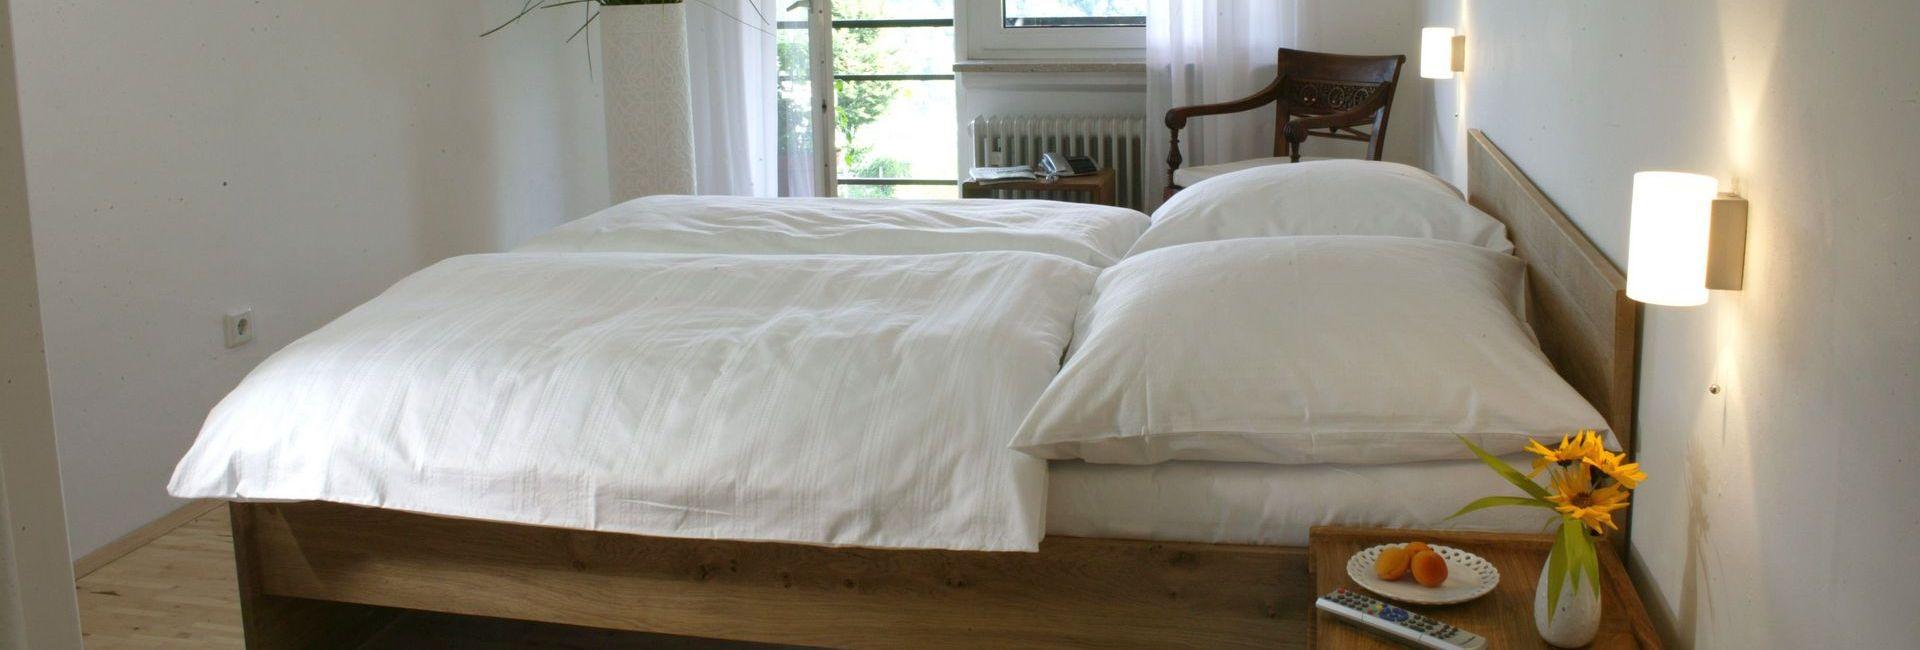 Zimmer 5 – Landhaus Pension Haus Sonneck